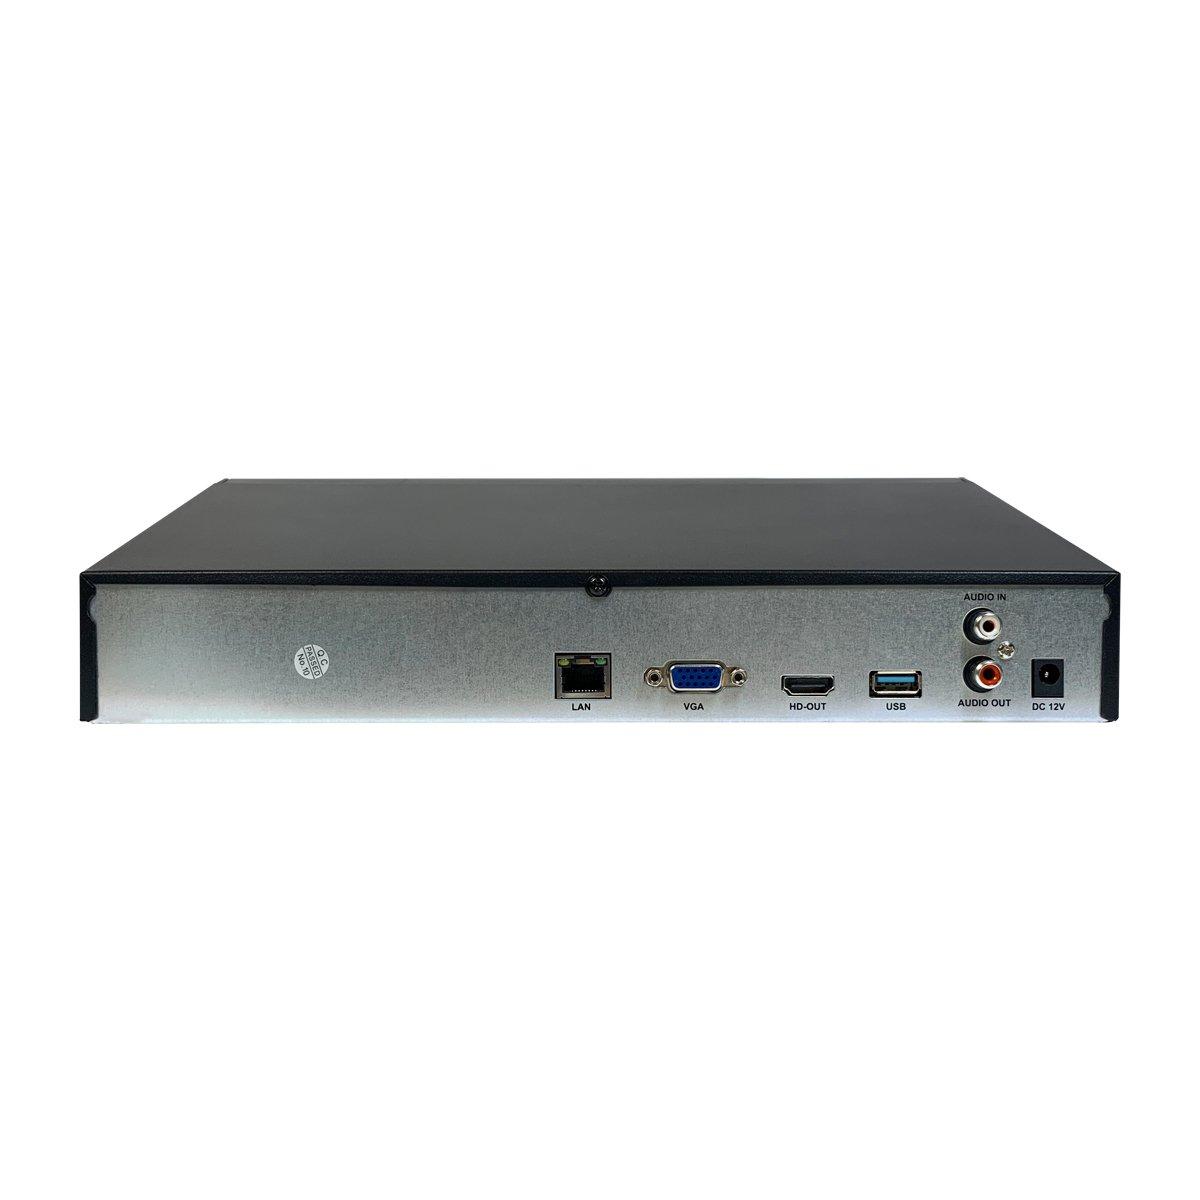 NVR 36CH 12MPX con funzioni AI - Cloud - Uscita Video HDMI - VGA